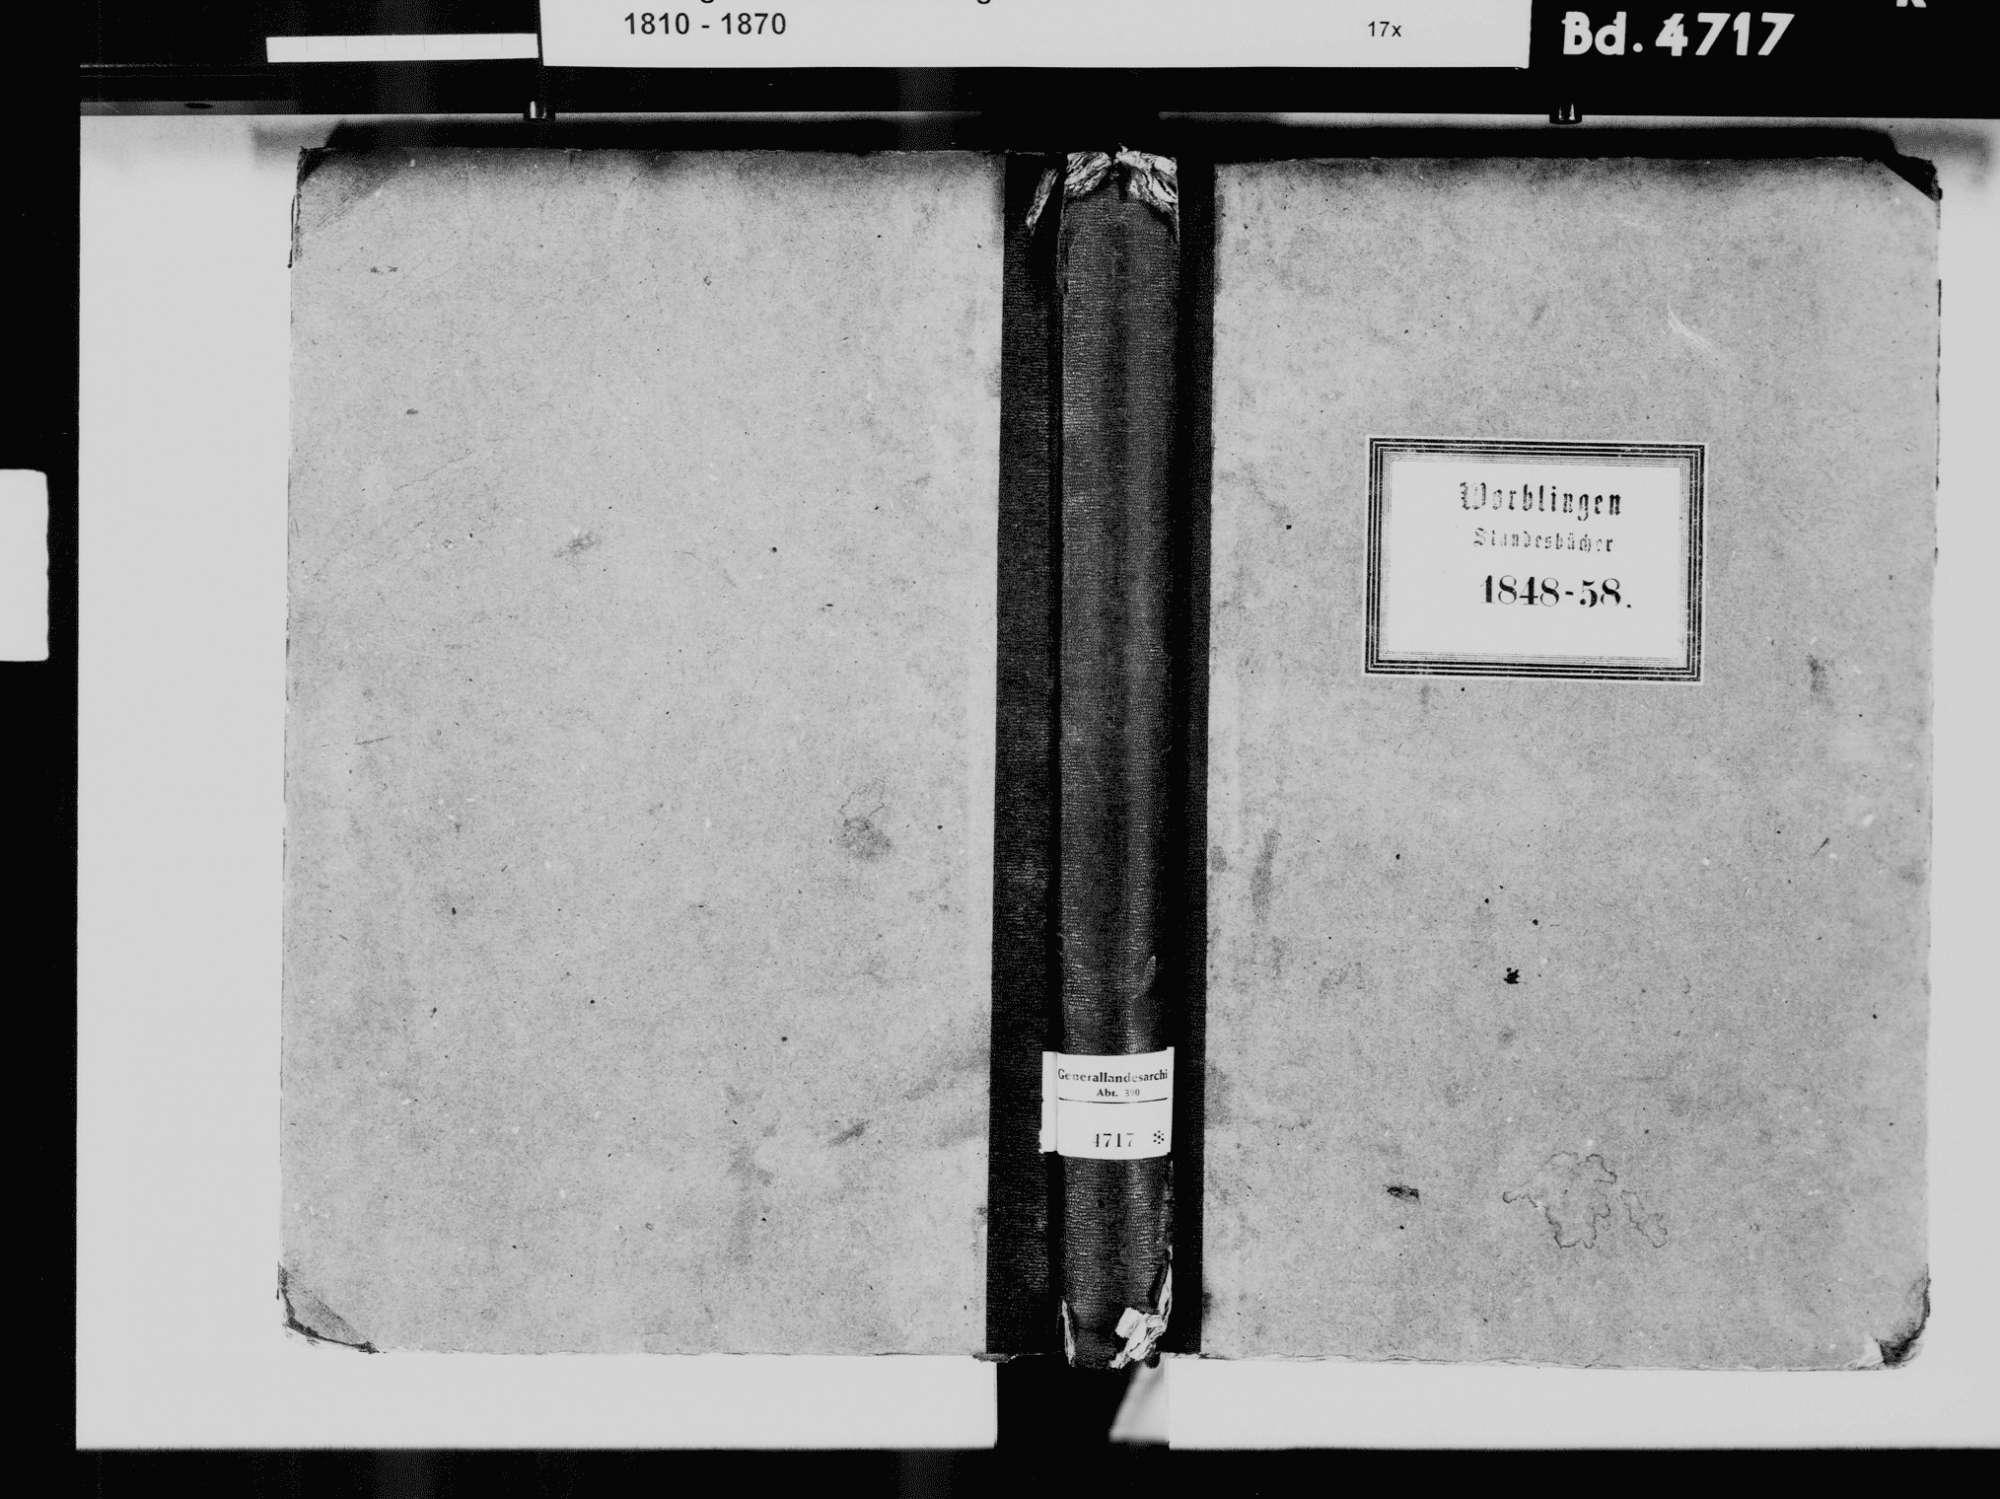 Worblingen, Rielasingen-Worblingen KN; Katholische Gemeinde: Standesbuch 1848-1858 Worblingen, Rielasingen-Worblingen KN; Israelitsche Gemeinde: Standesbuch 1848-1858, Bild 2